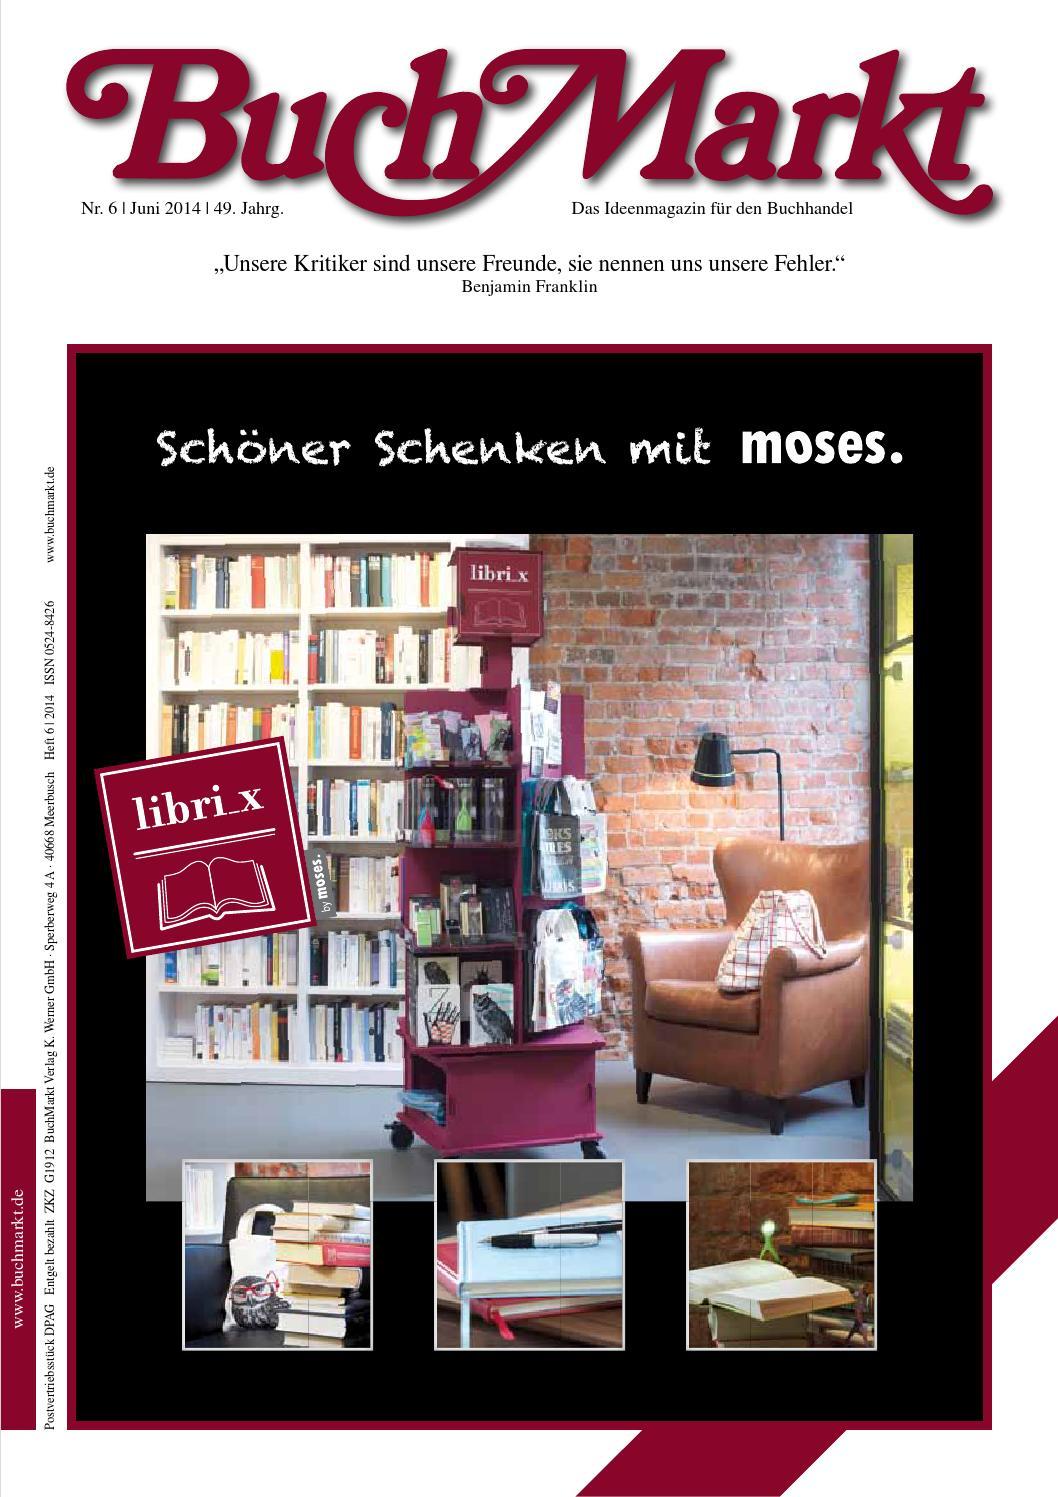 Buchmarkt Anzeigen Juni 2014 By Buchmarkt Issuu